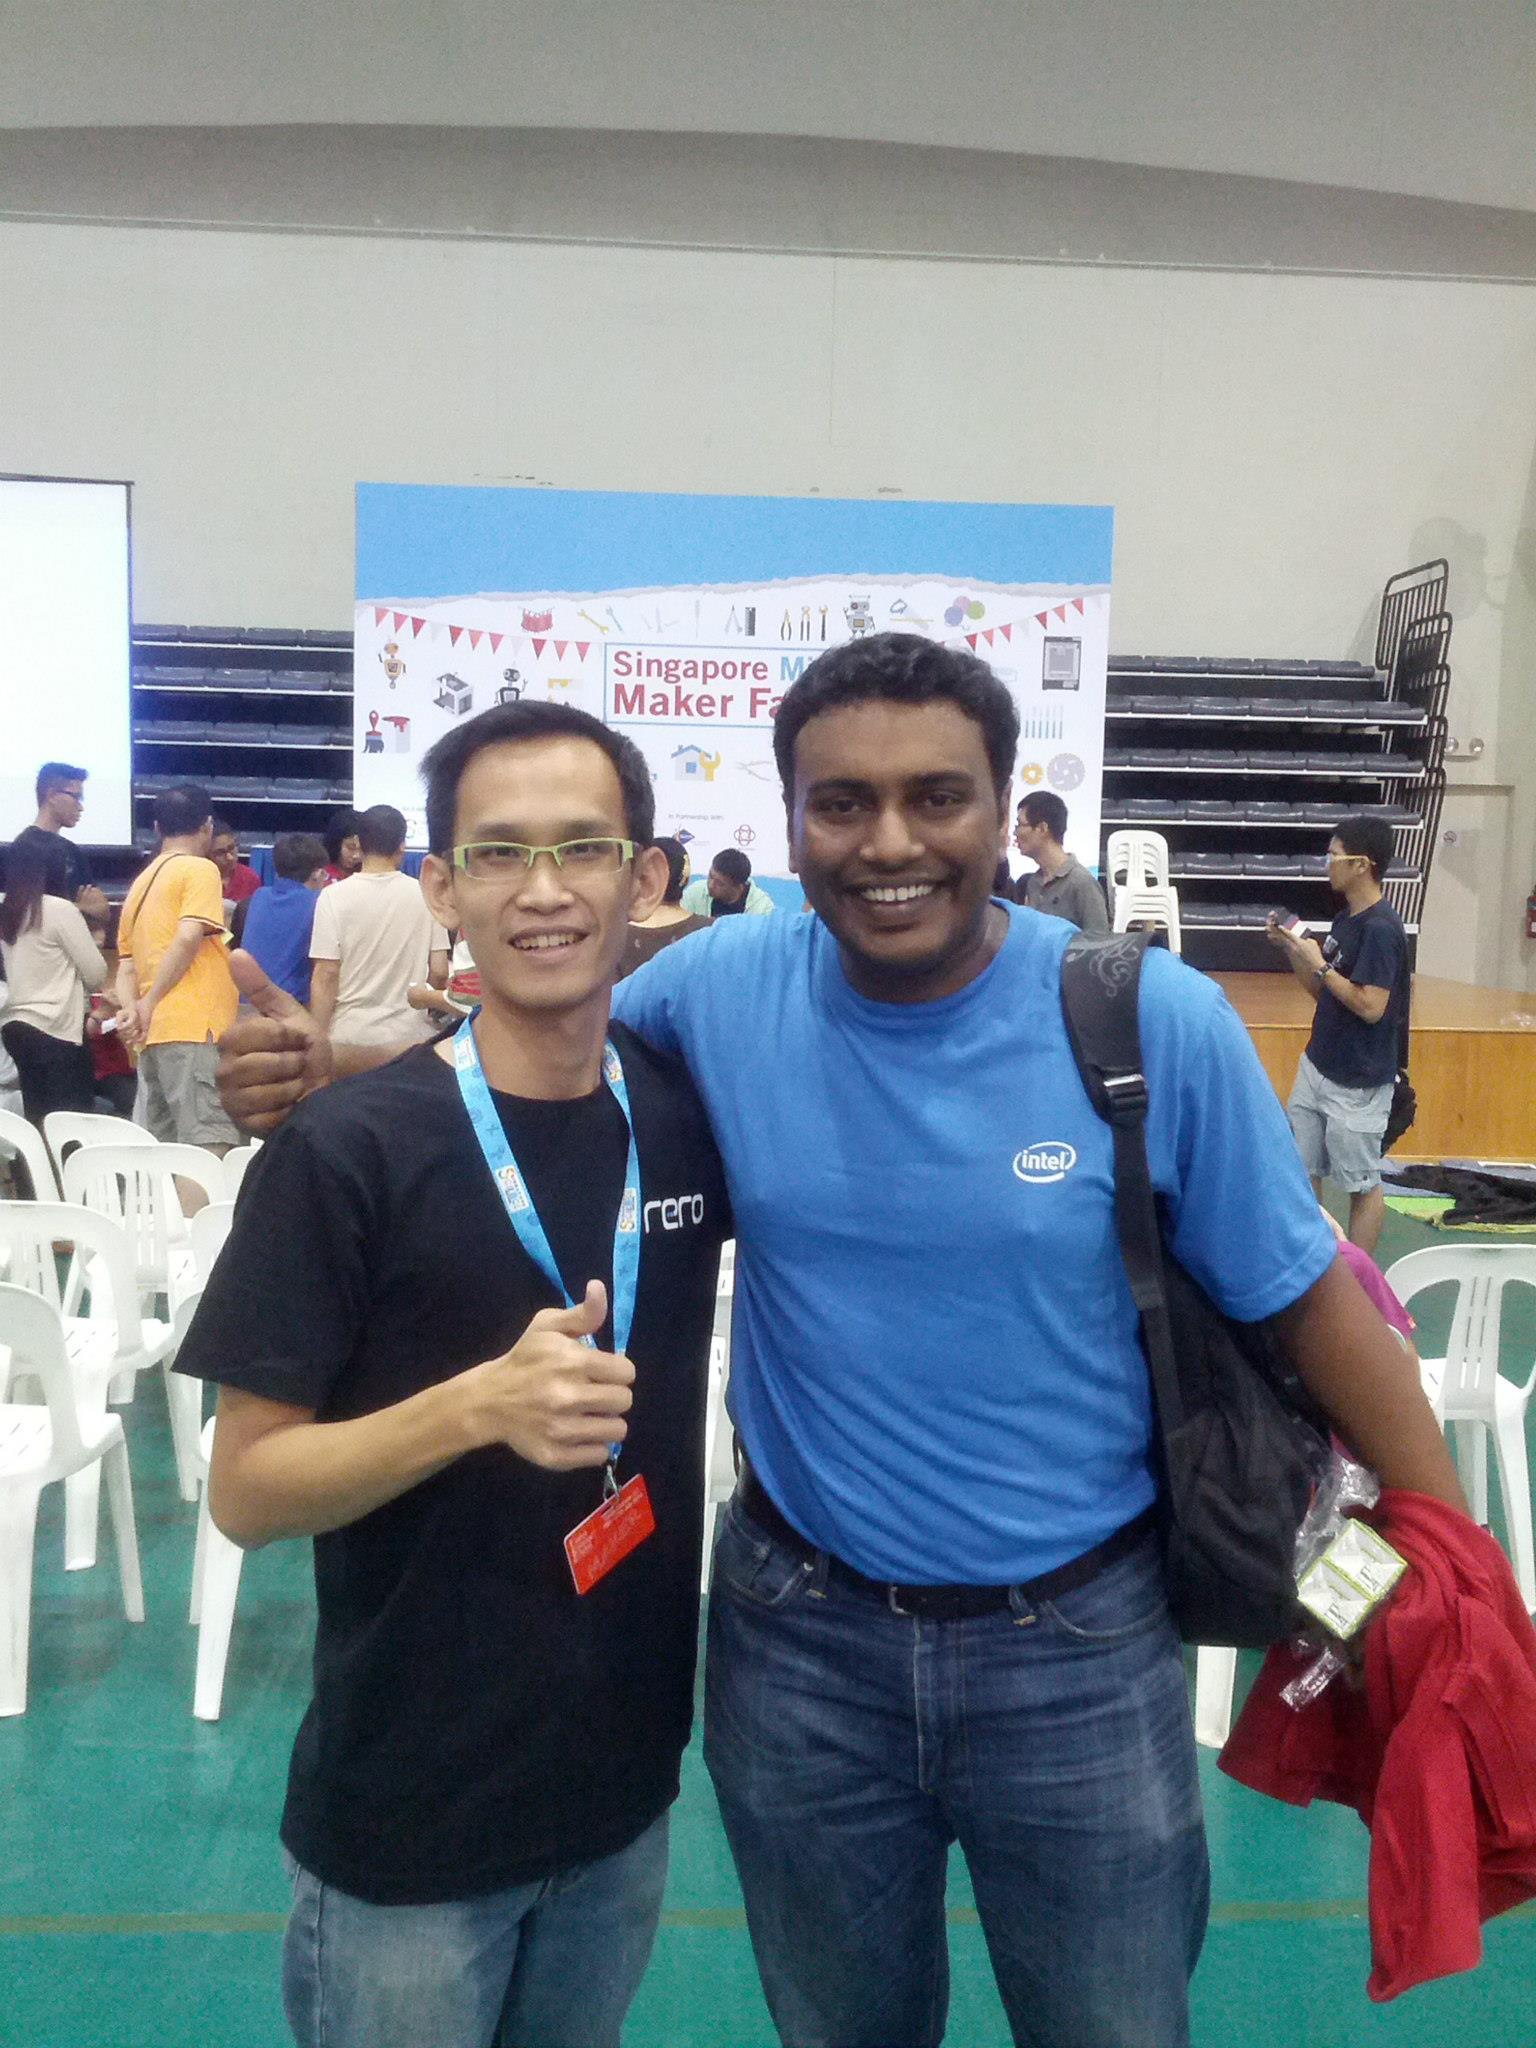 Kanapathy from Intel Malaysia